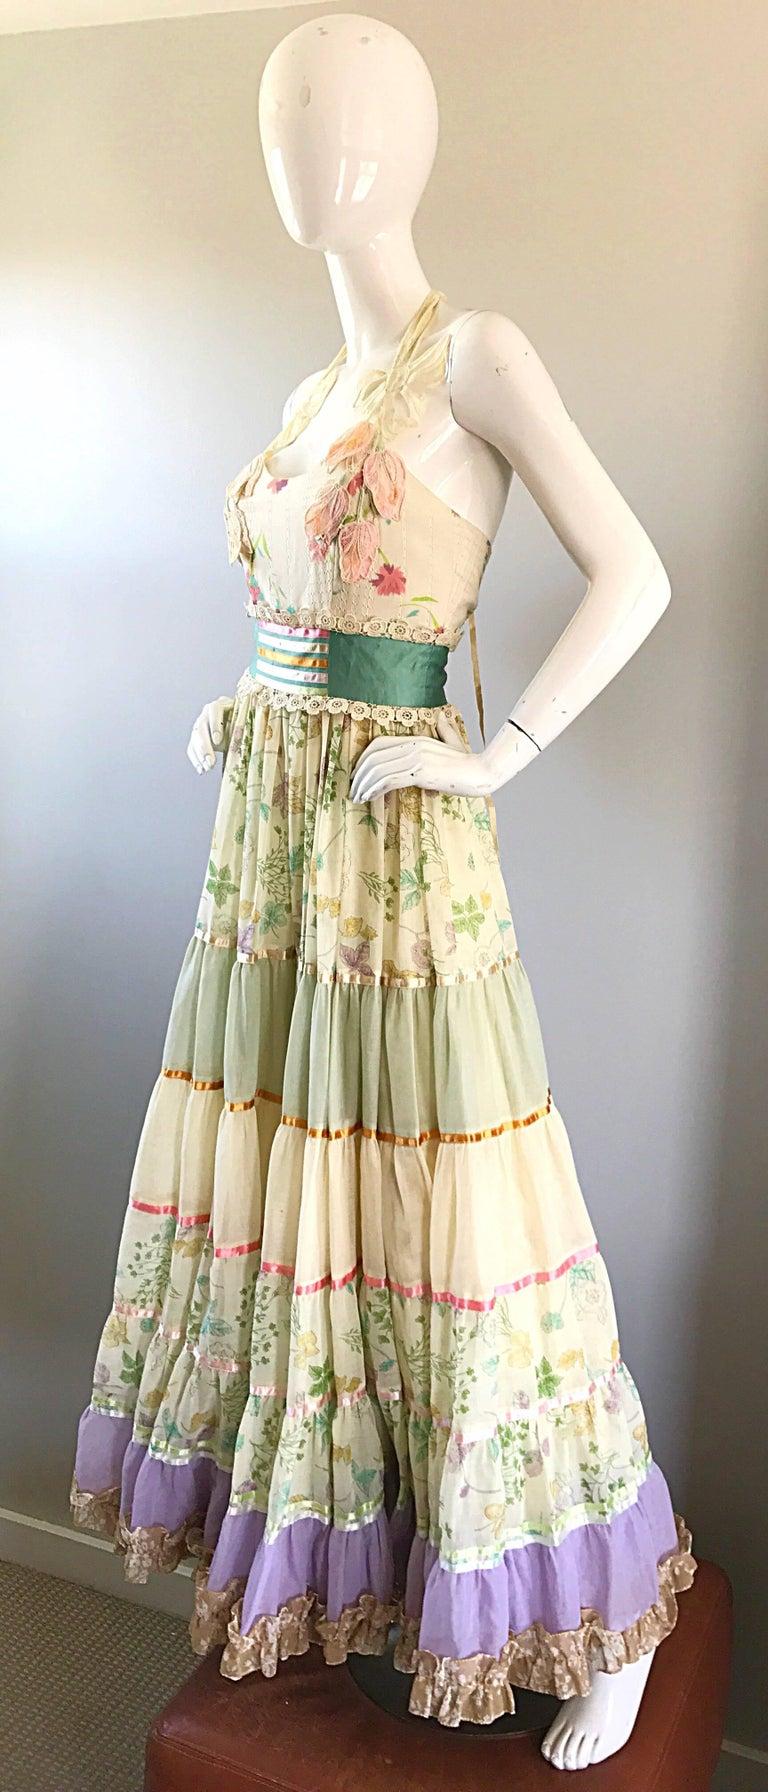 Giorgio di Sant Angelo 1970s Rare Colorful Cotton Voile Vintage 70s Maxi Dress 5